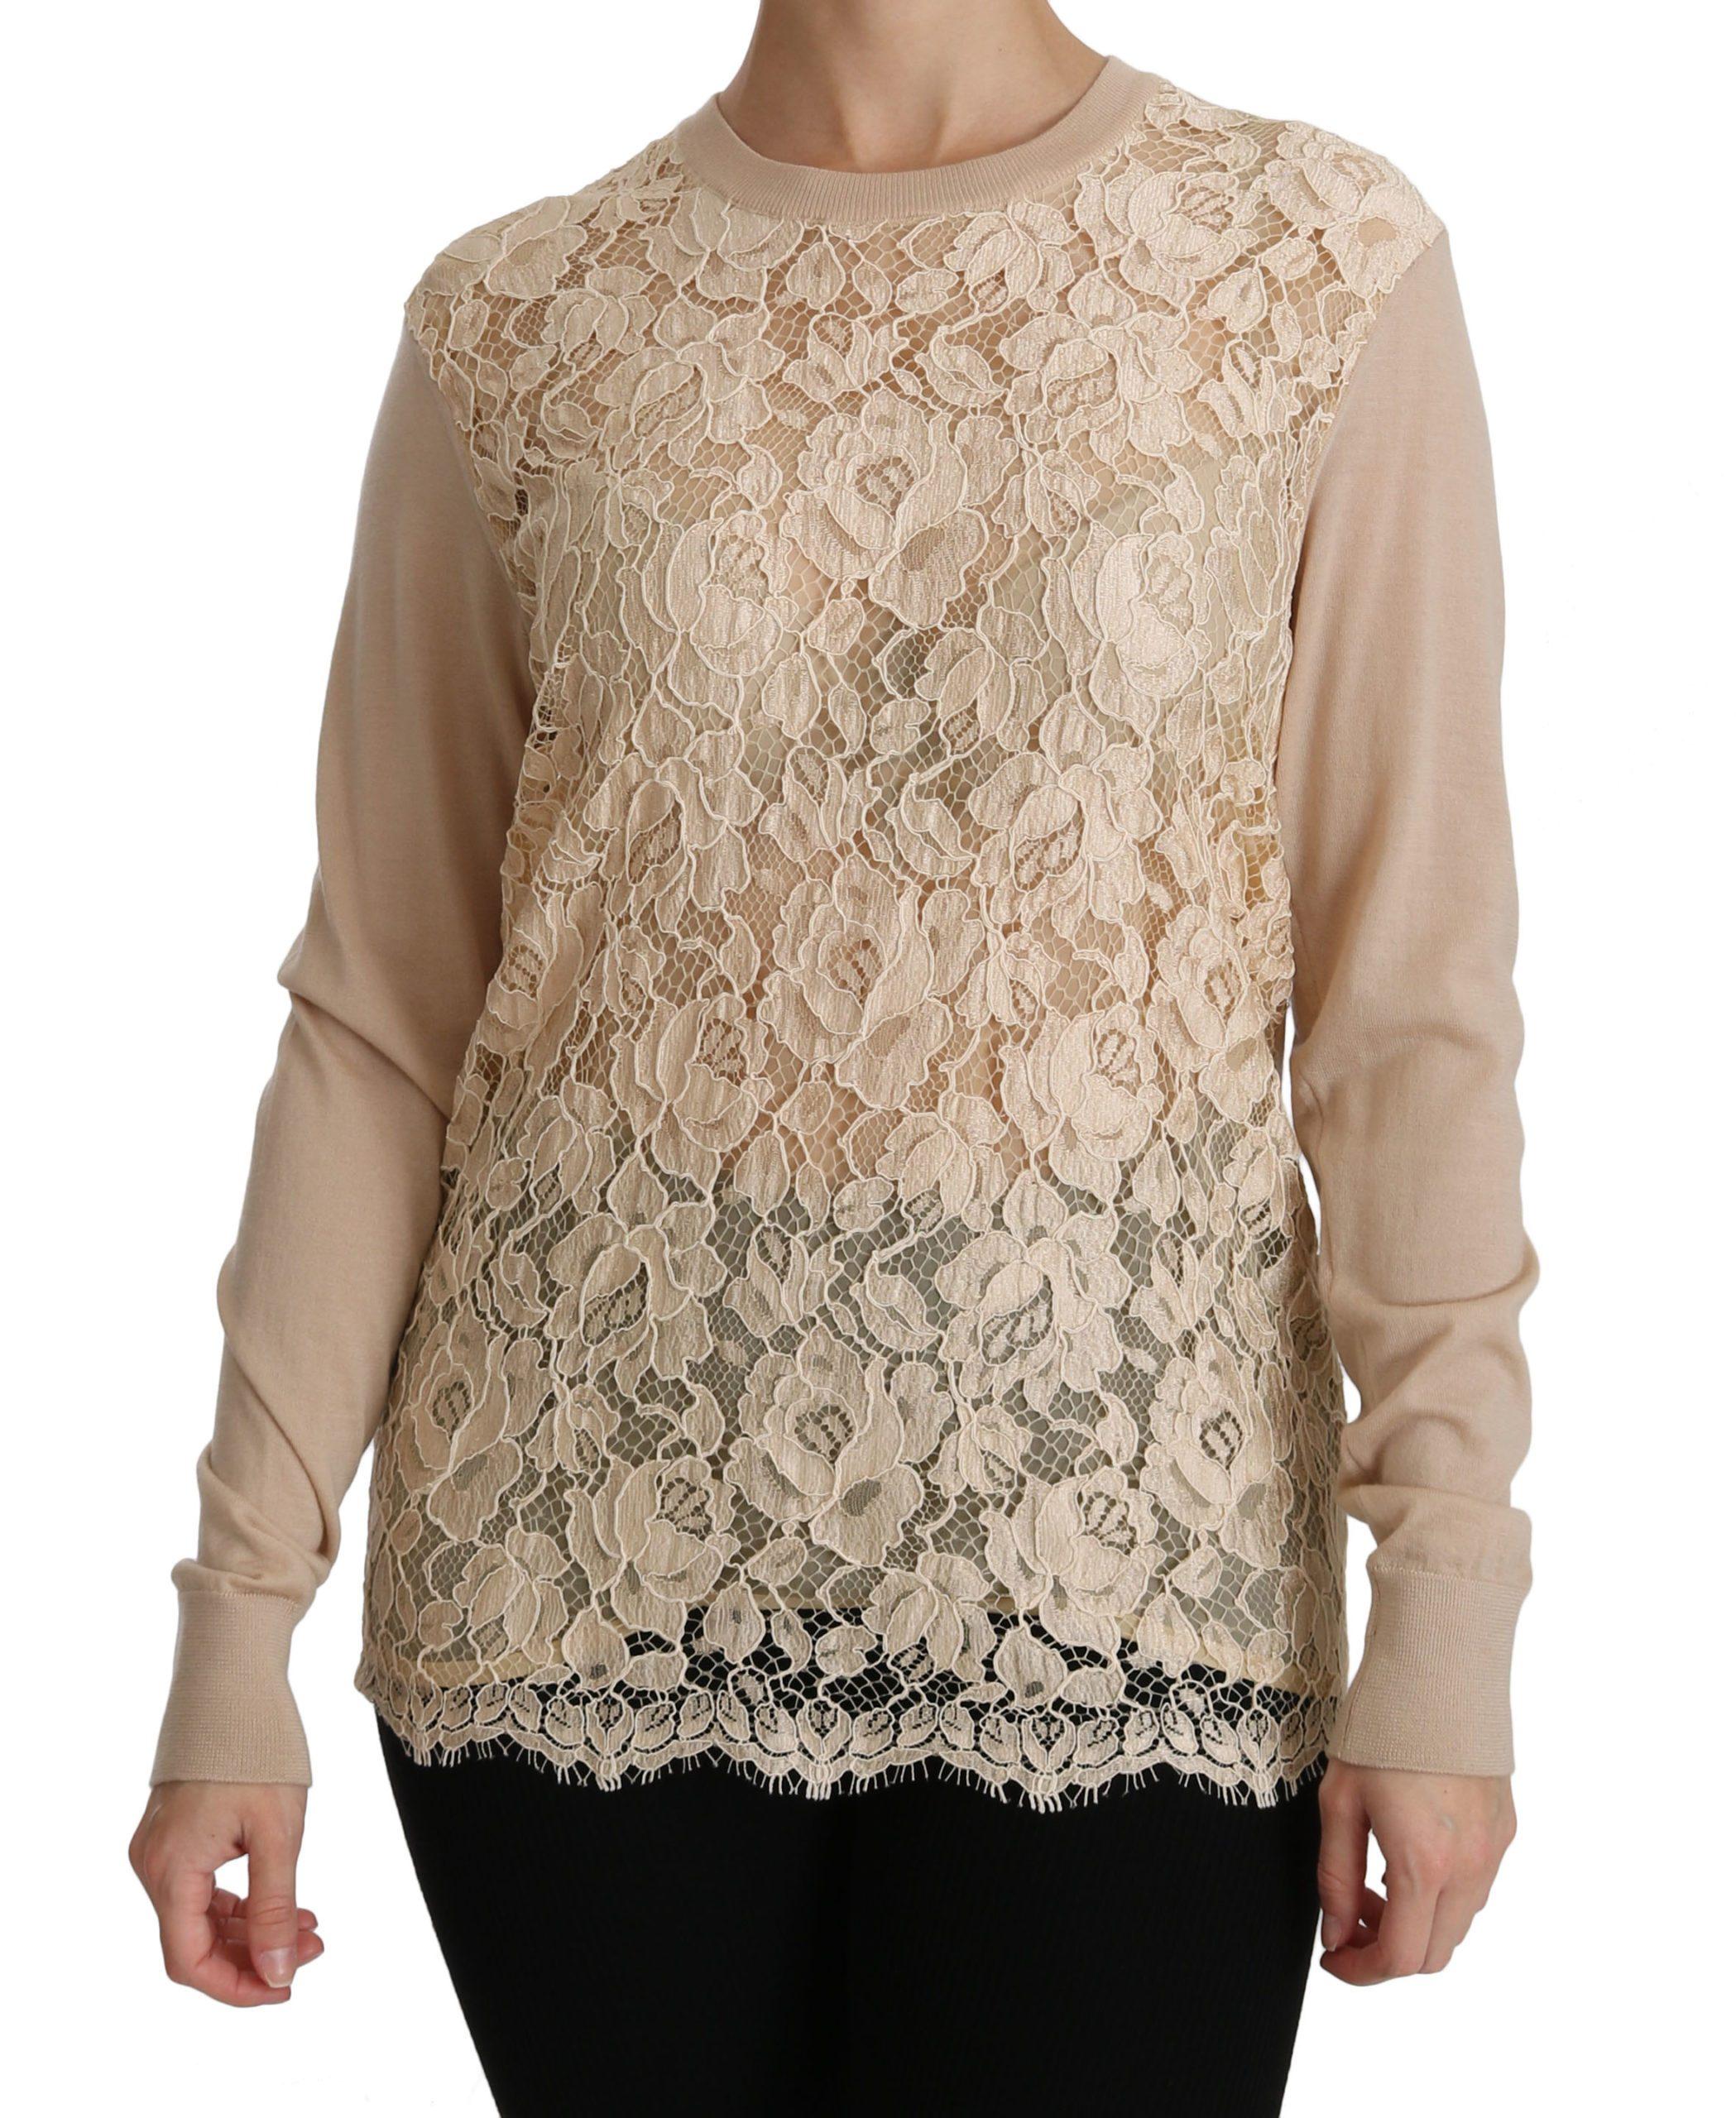 Dolce & Gabbana Women's Lace Long Sleeve Cashmere Beige TSH4250-38 - IT38|XS